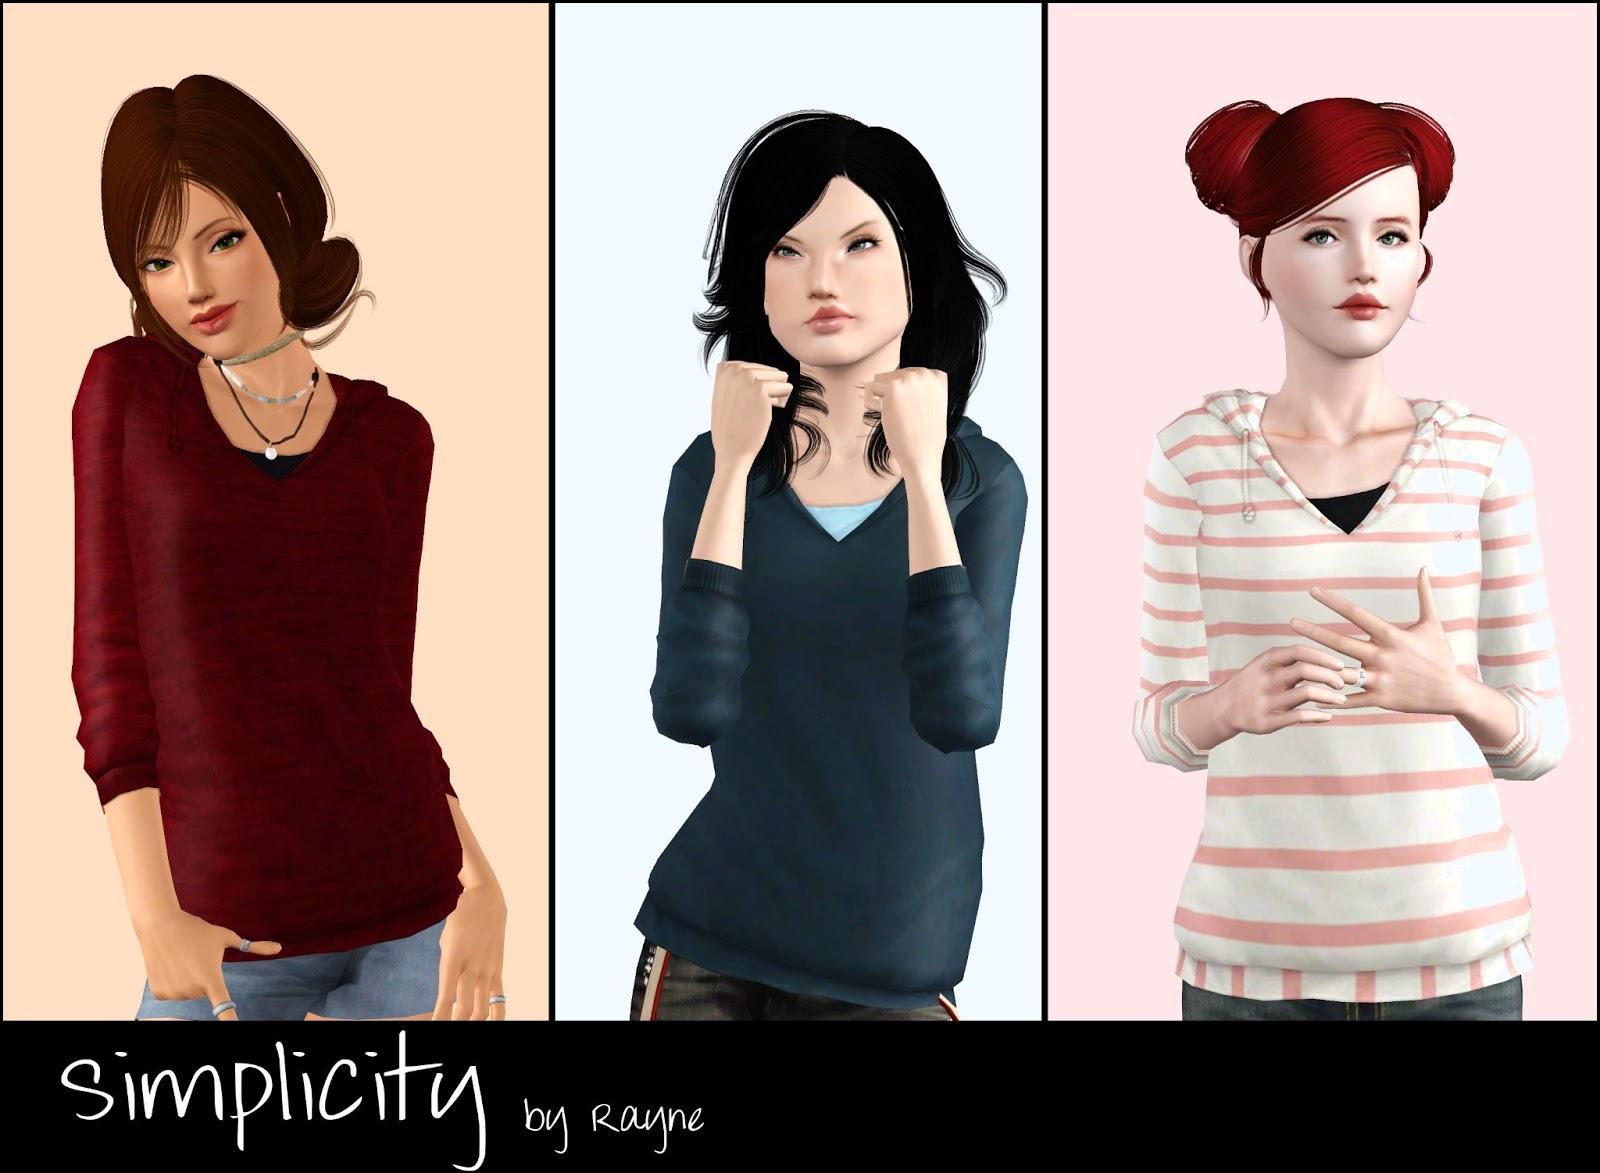 Mod The Sims - WCIF Teen CC?